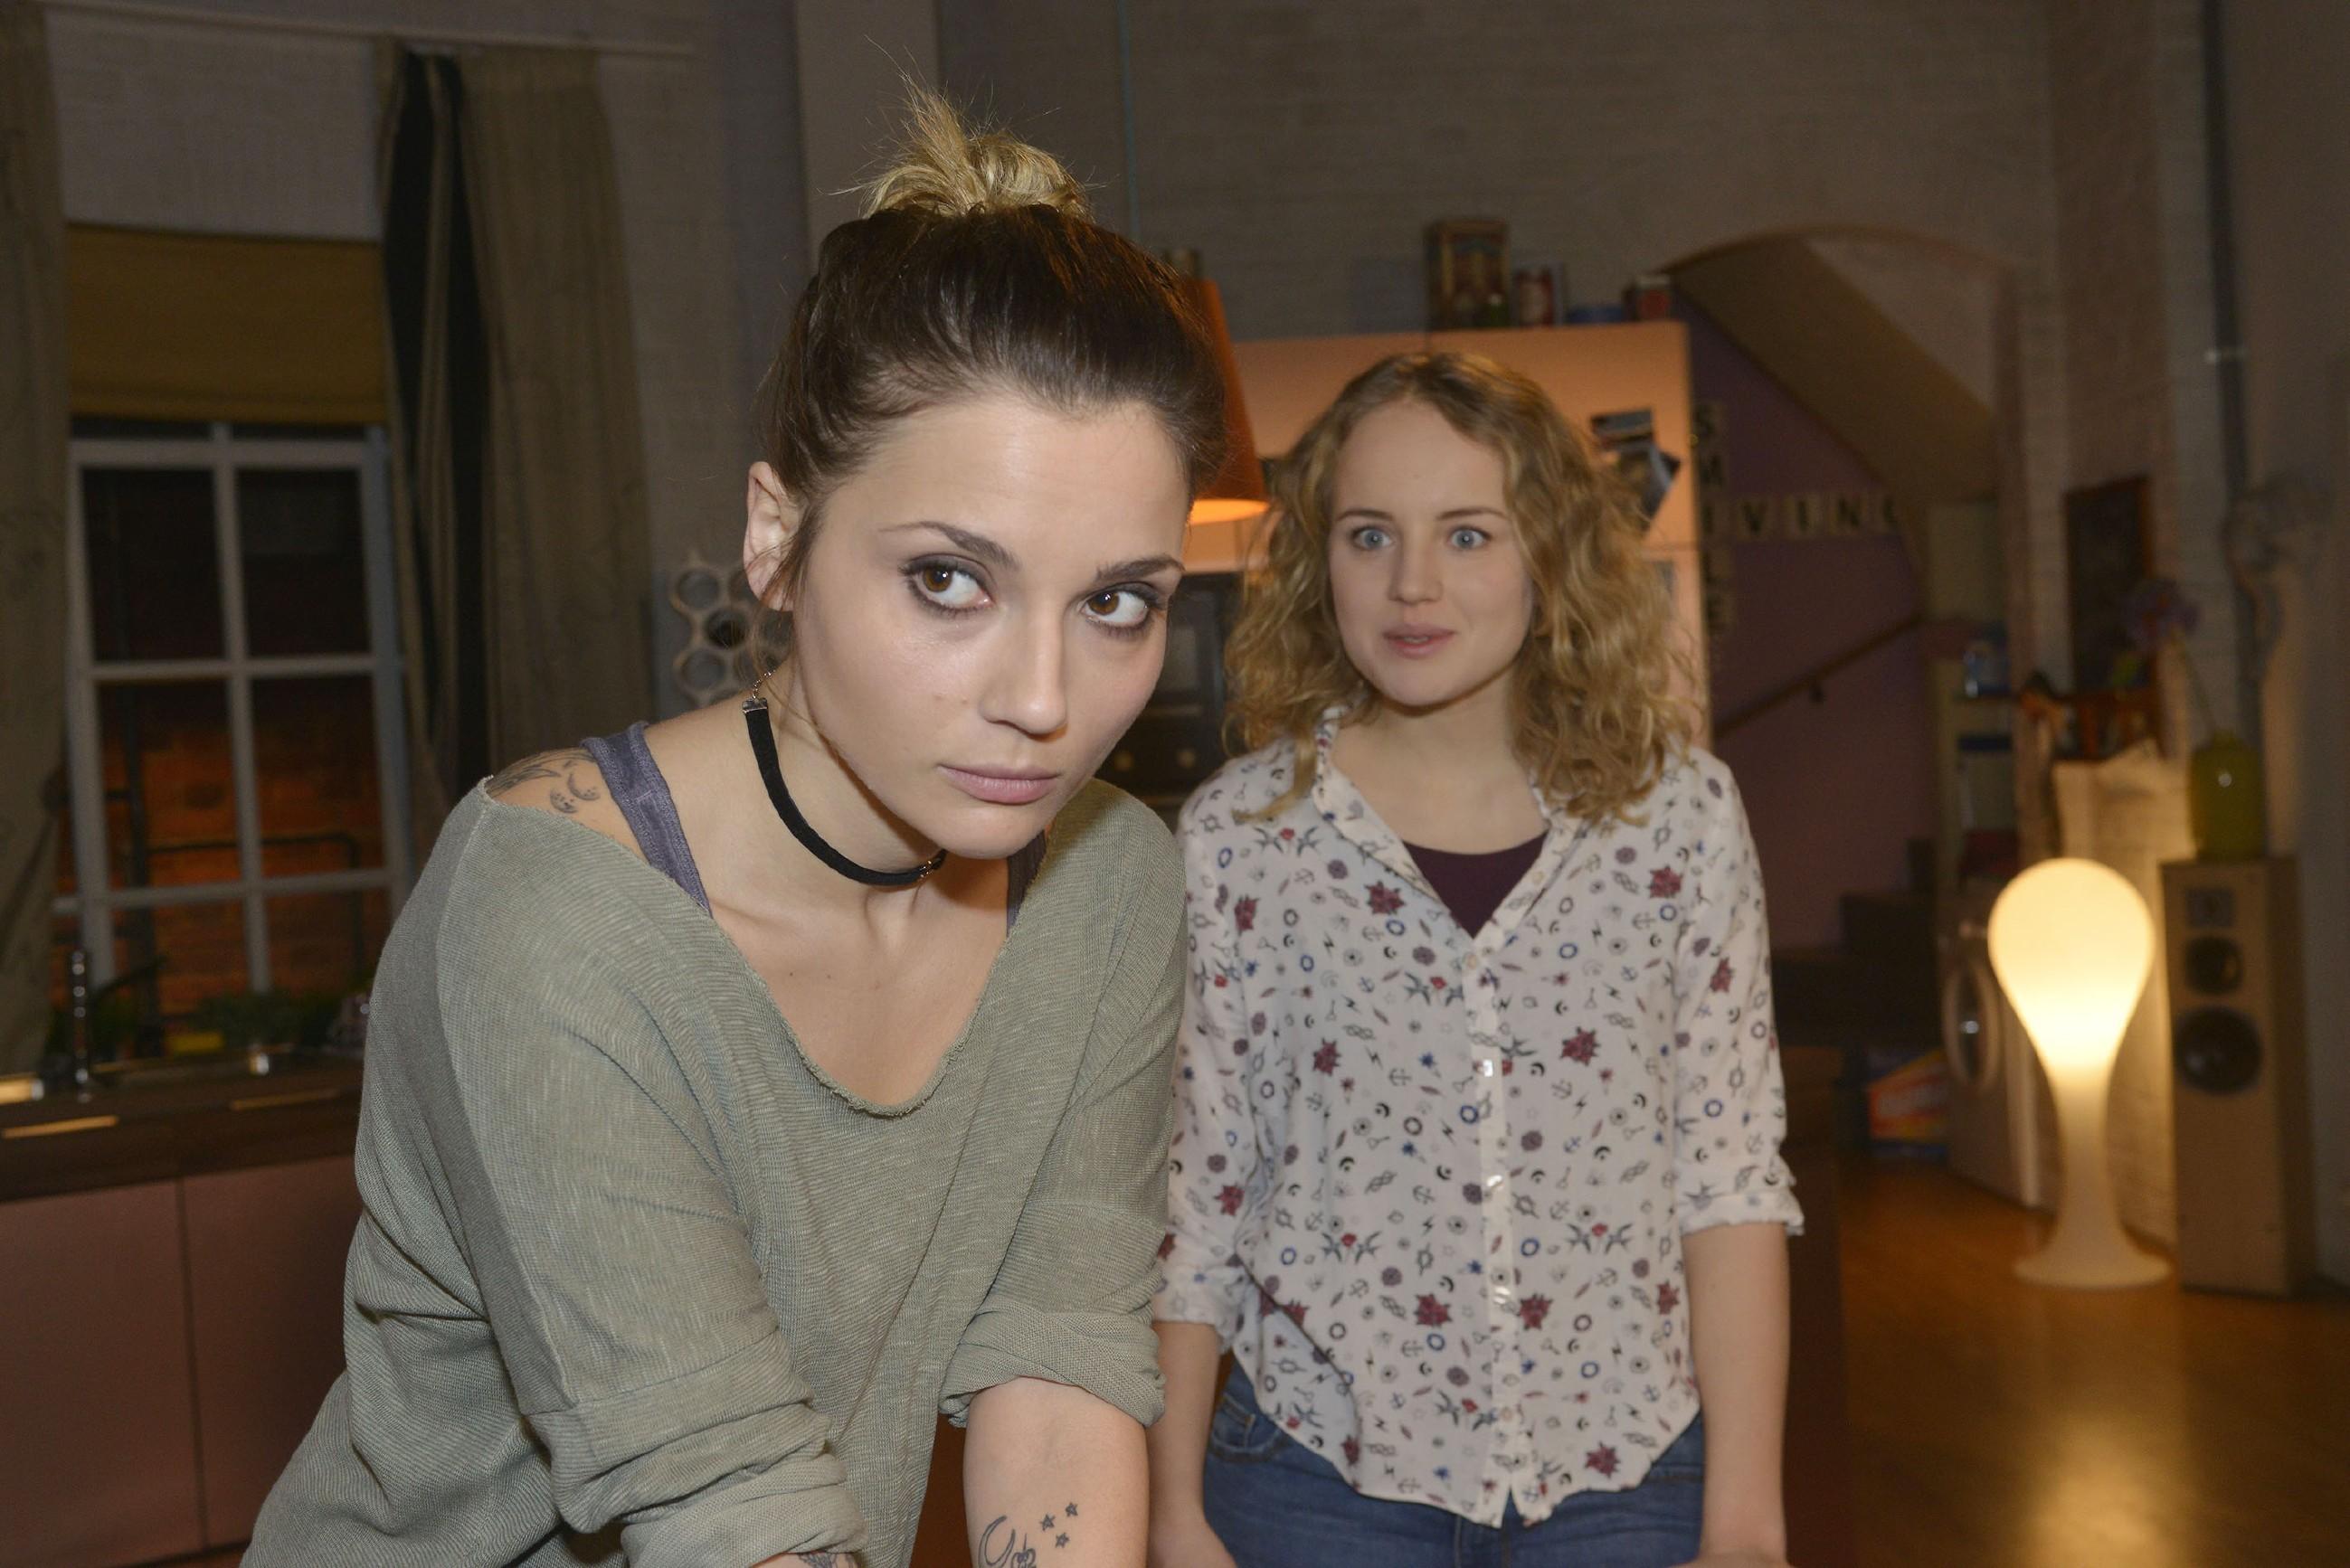 Anni (Linda Marlen Runge, l.) möchte nicht, dass Jule (Luise von Finckh) sie in den Urlaub begleitet. (Quelle: RTL / Rolf Baumgartner)